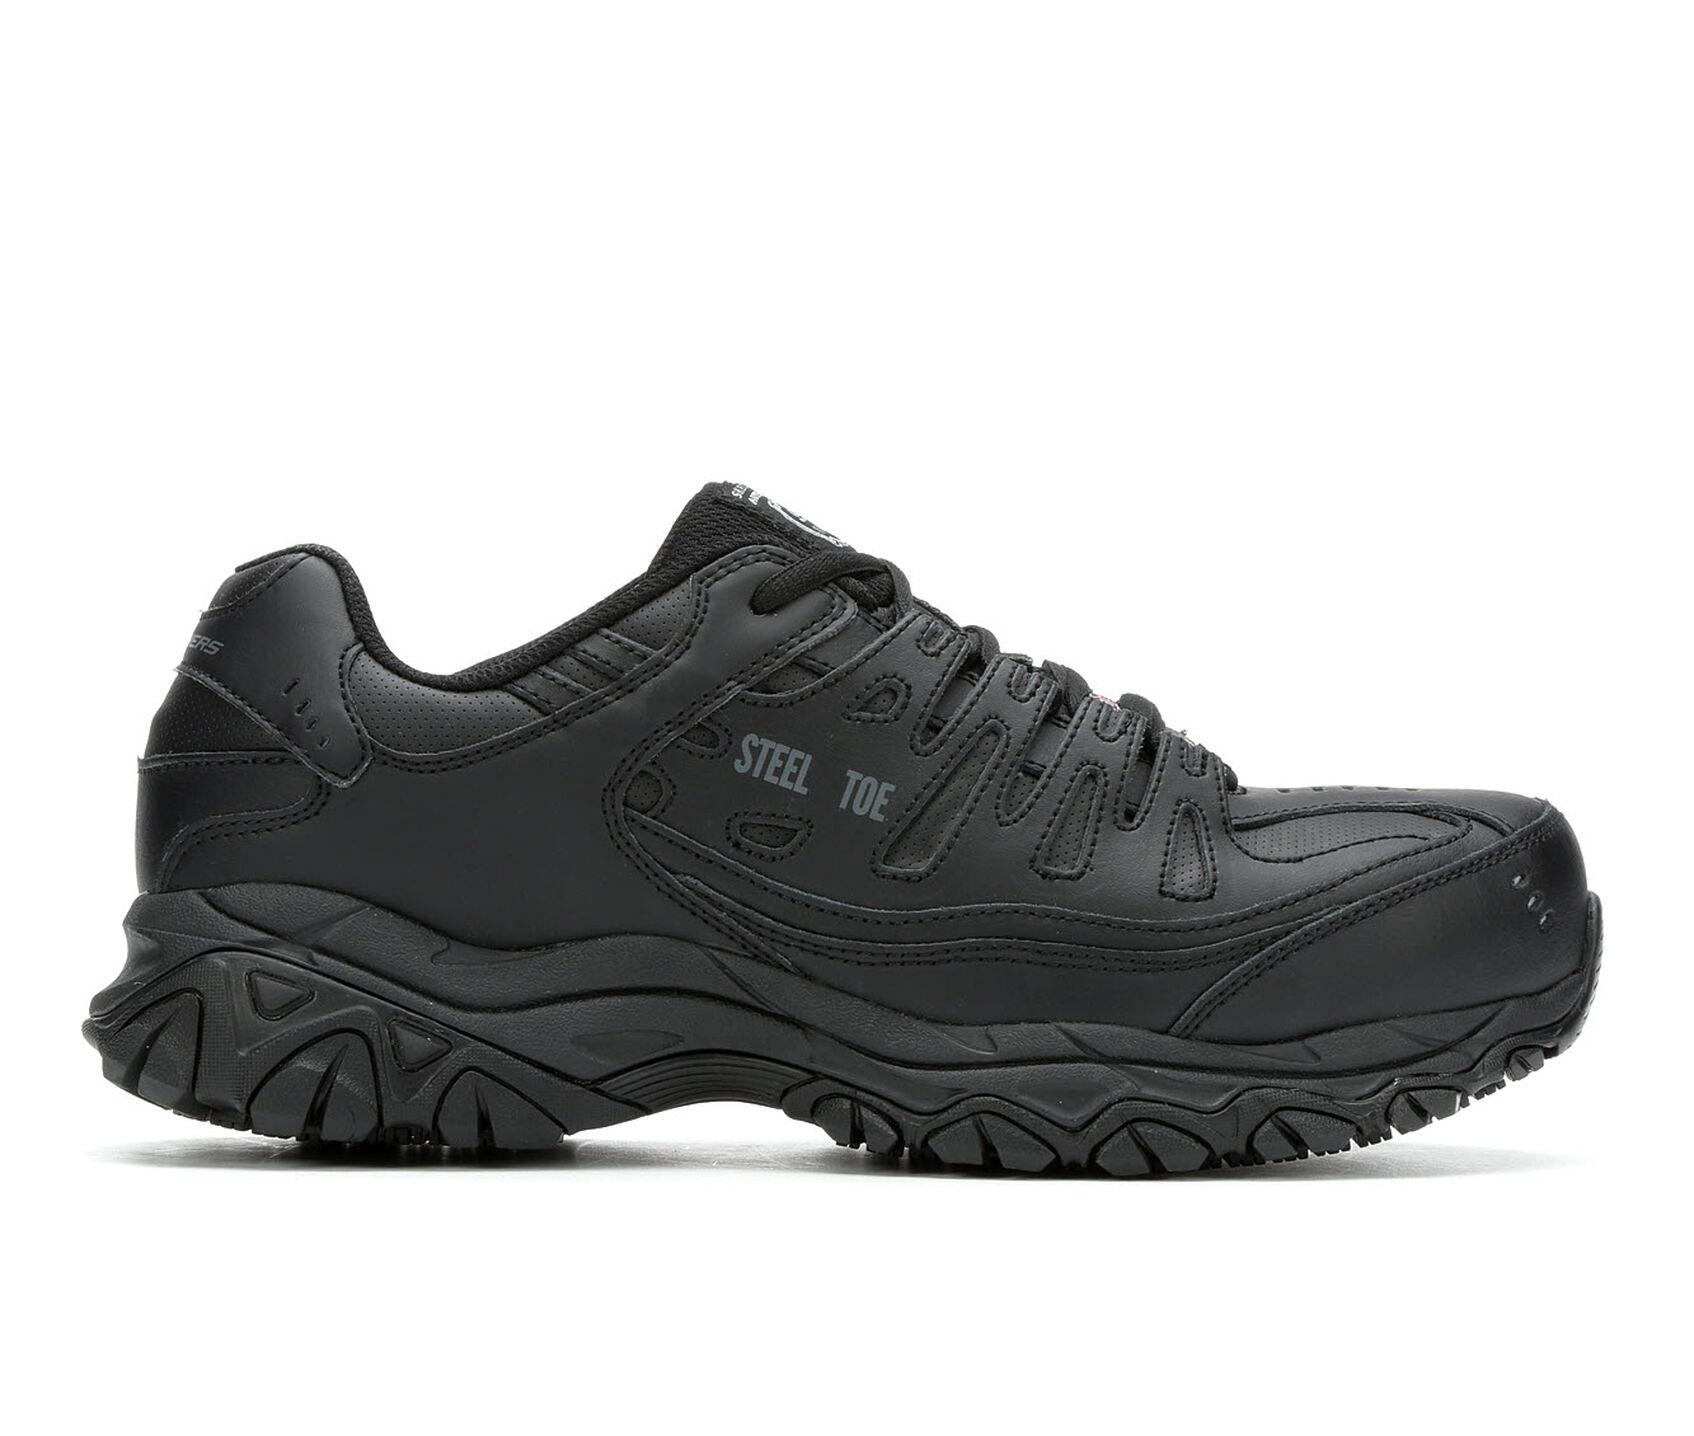 088485a99270b ... Skechers Work Keymar Steel Toe Waterproof 77517 Work Shoes. Previous